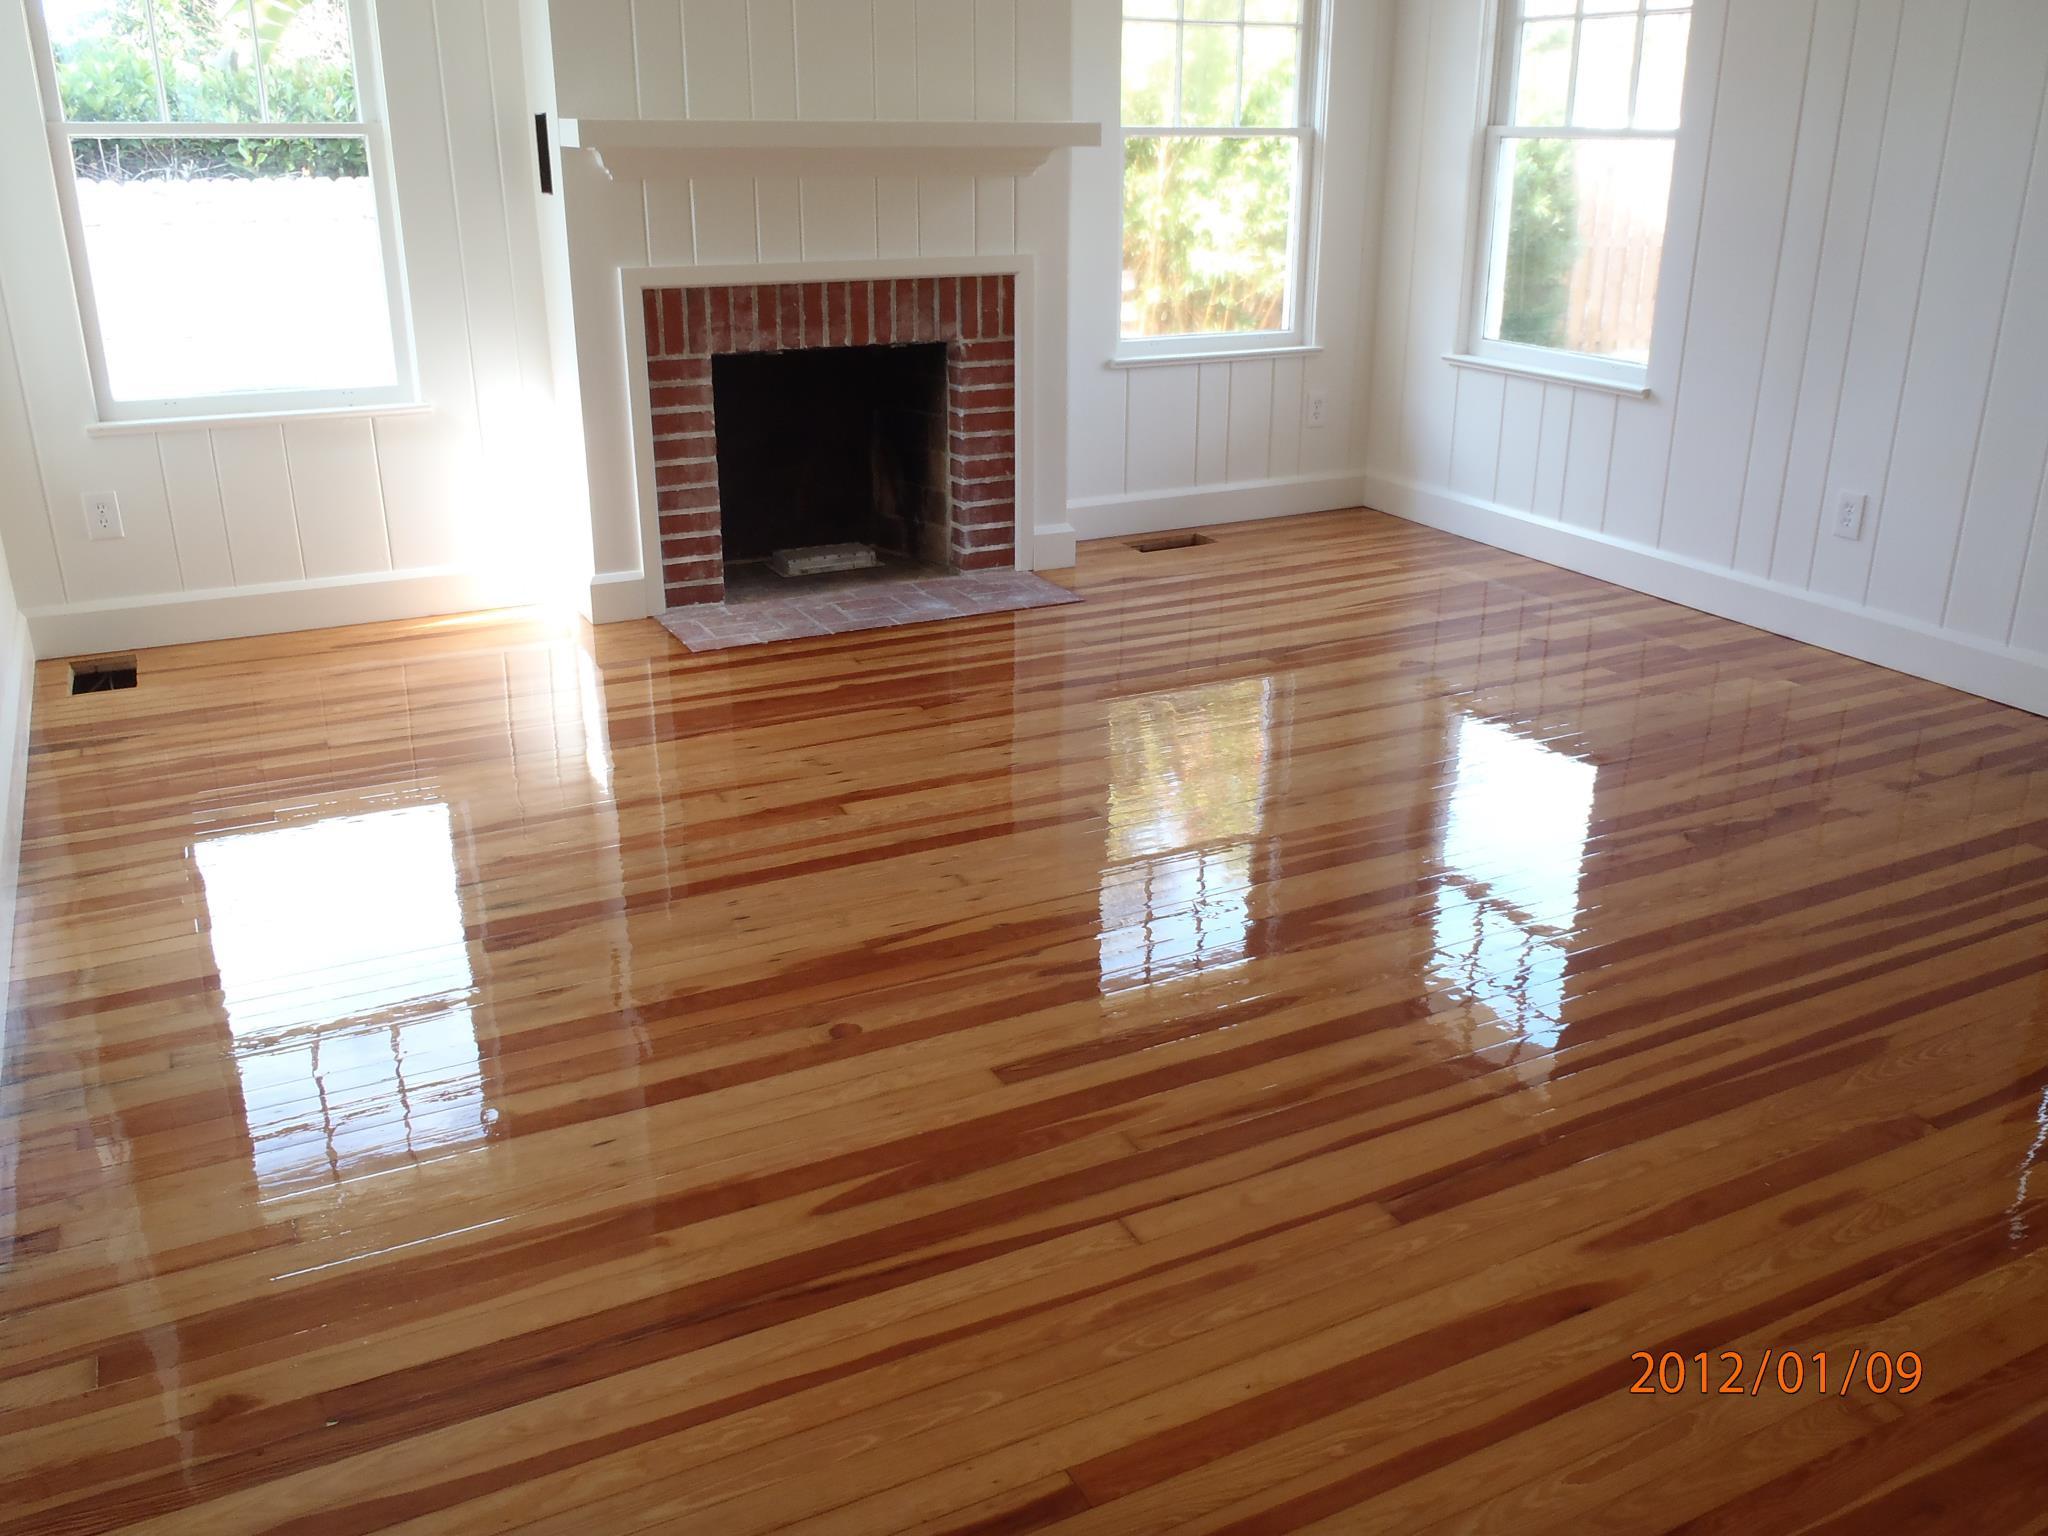 Refinishing Hardwood Floors Yourself without Sanding Of Refinish Hardwood Floors Diy Floor with Regard to Refinish Hardwood Floors Diy Best How to Refinish Hardwood Floors Diy Pertaining